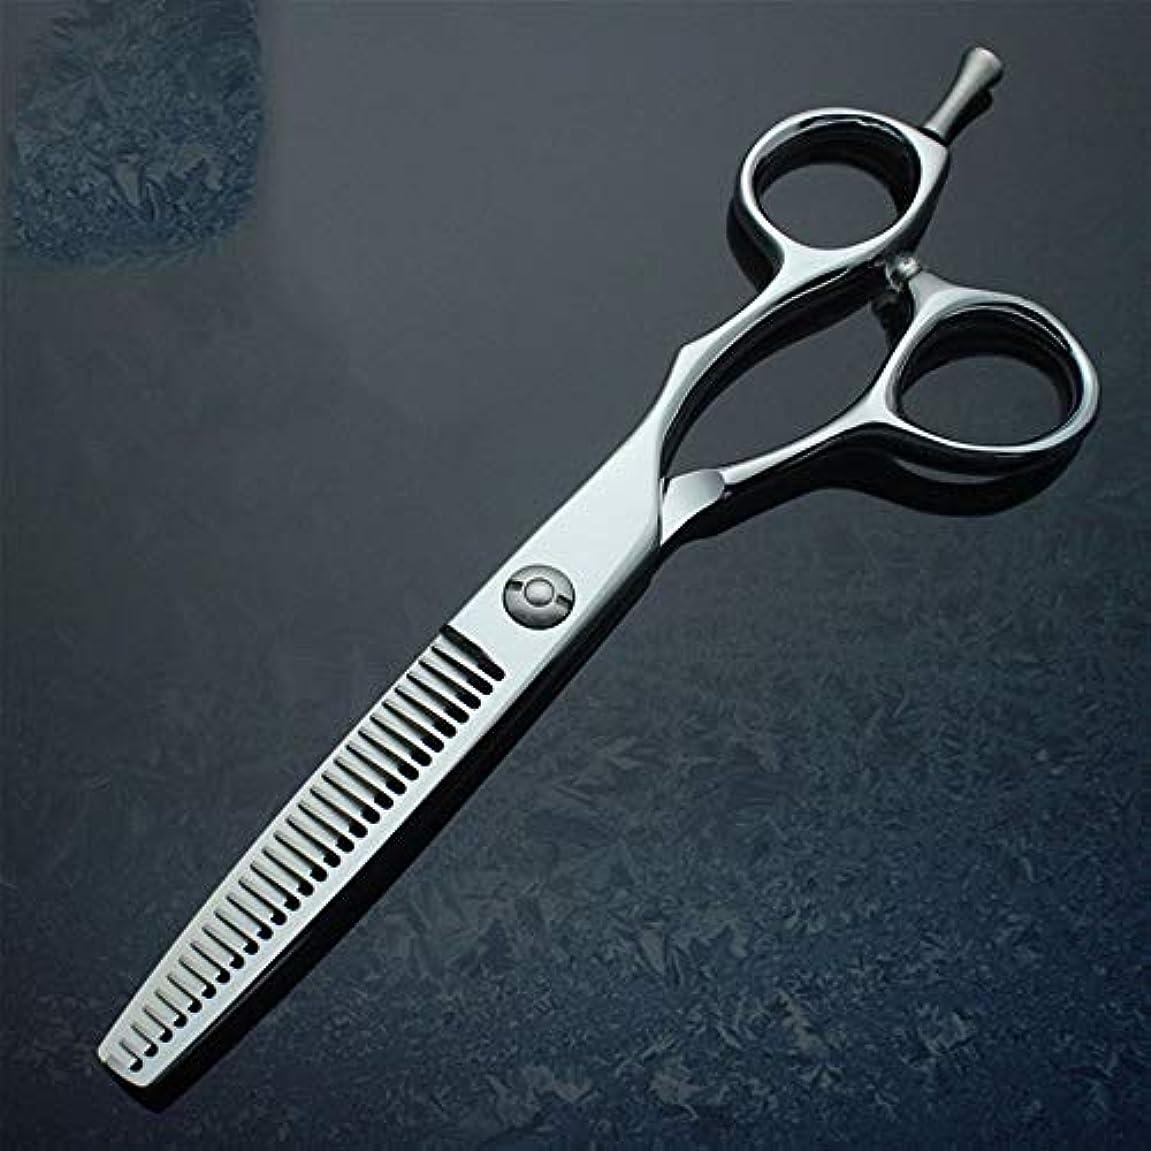 ワゴンフォーマル松明理髪用はさみ 6インチプロフェッショナルハイエンドパイプテールネイルハンドル理髪はさみ間伐歯はさみヘアカットはさみステンレス理髪はさみ (色 : Silver)